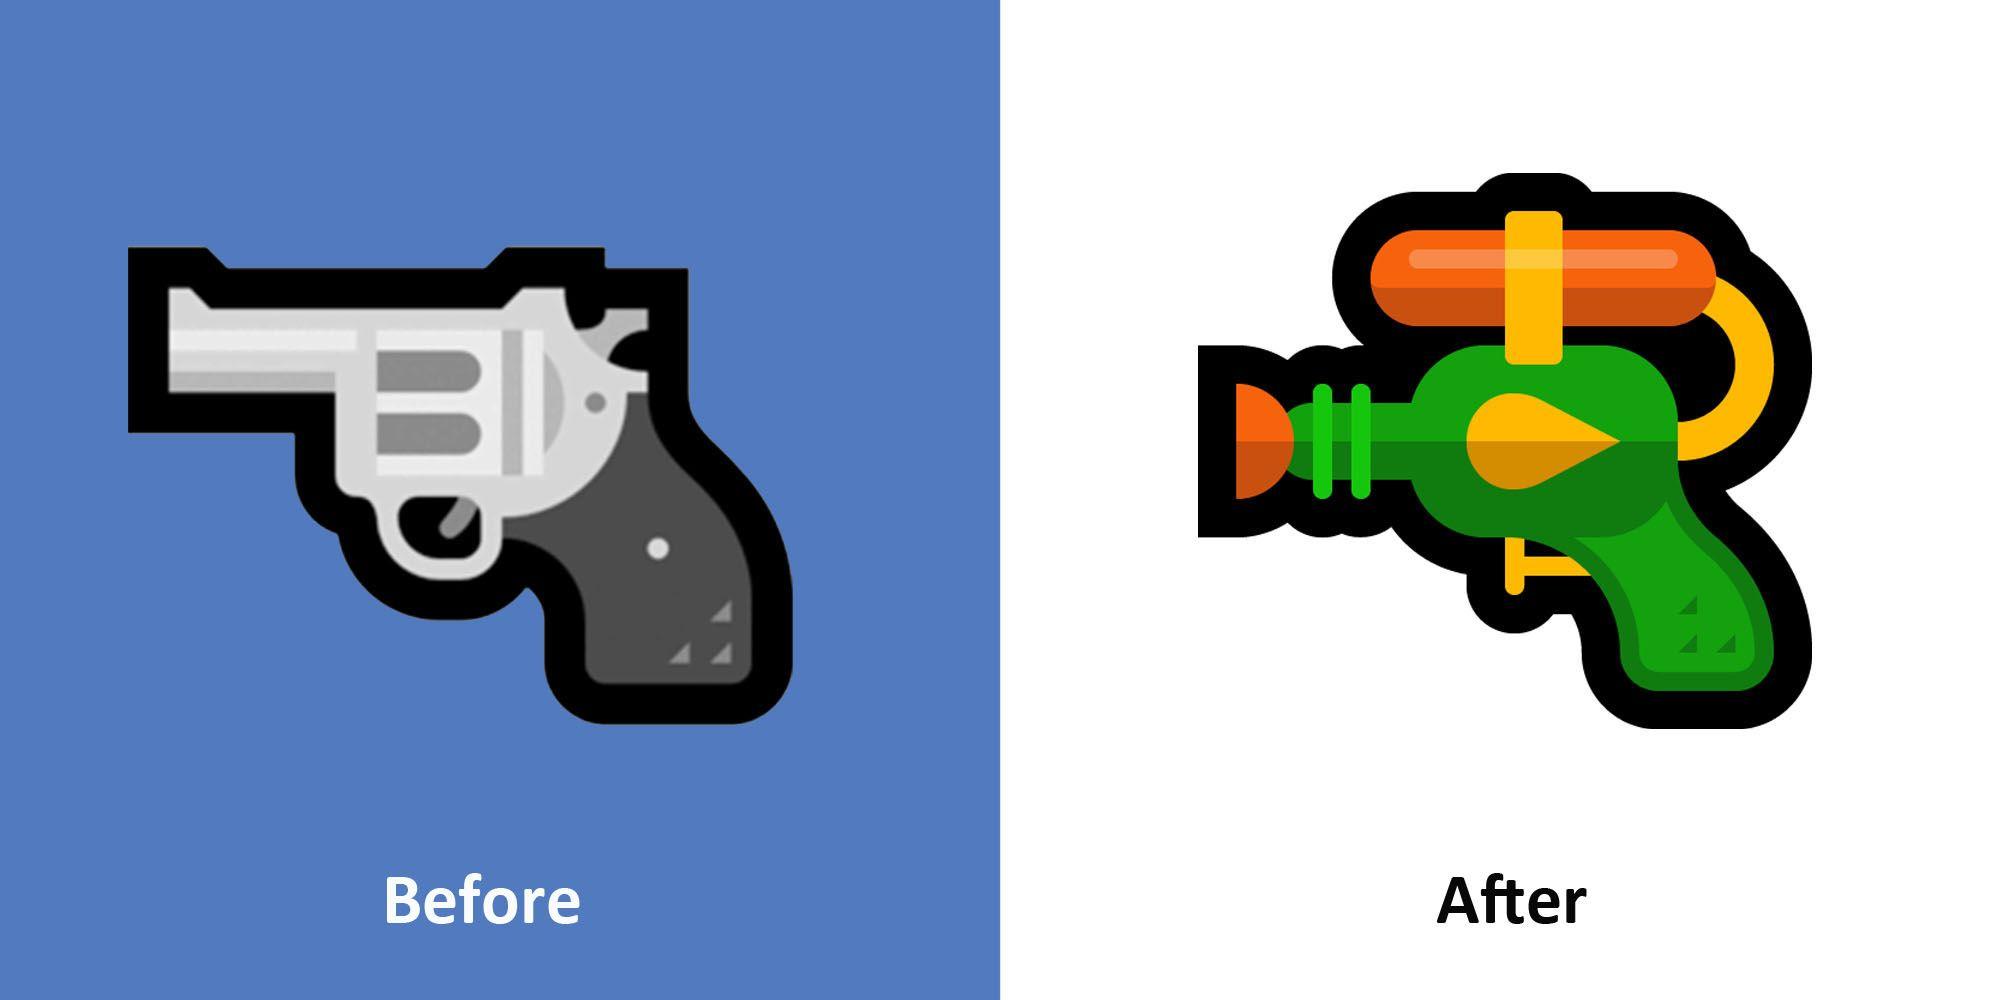 Windows zmienia swoje emoji pistoletu, bo pistolet wodny zamiast zwyk³ego zmniejszy czêstotliwo¶æ strzelanin